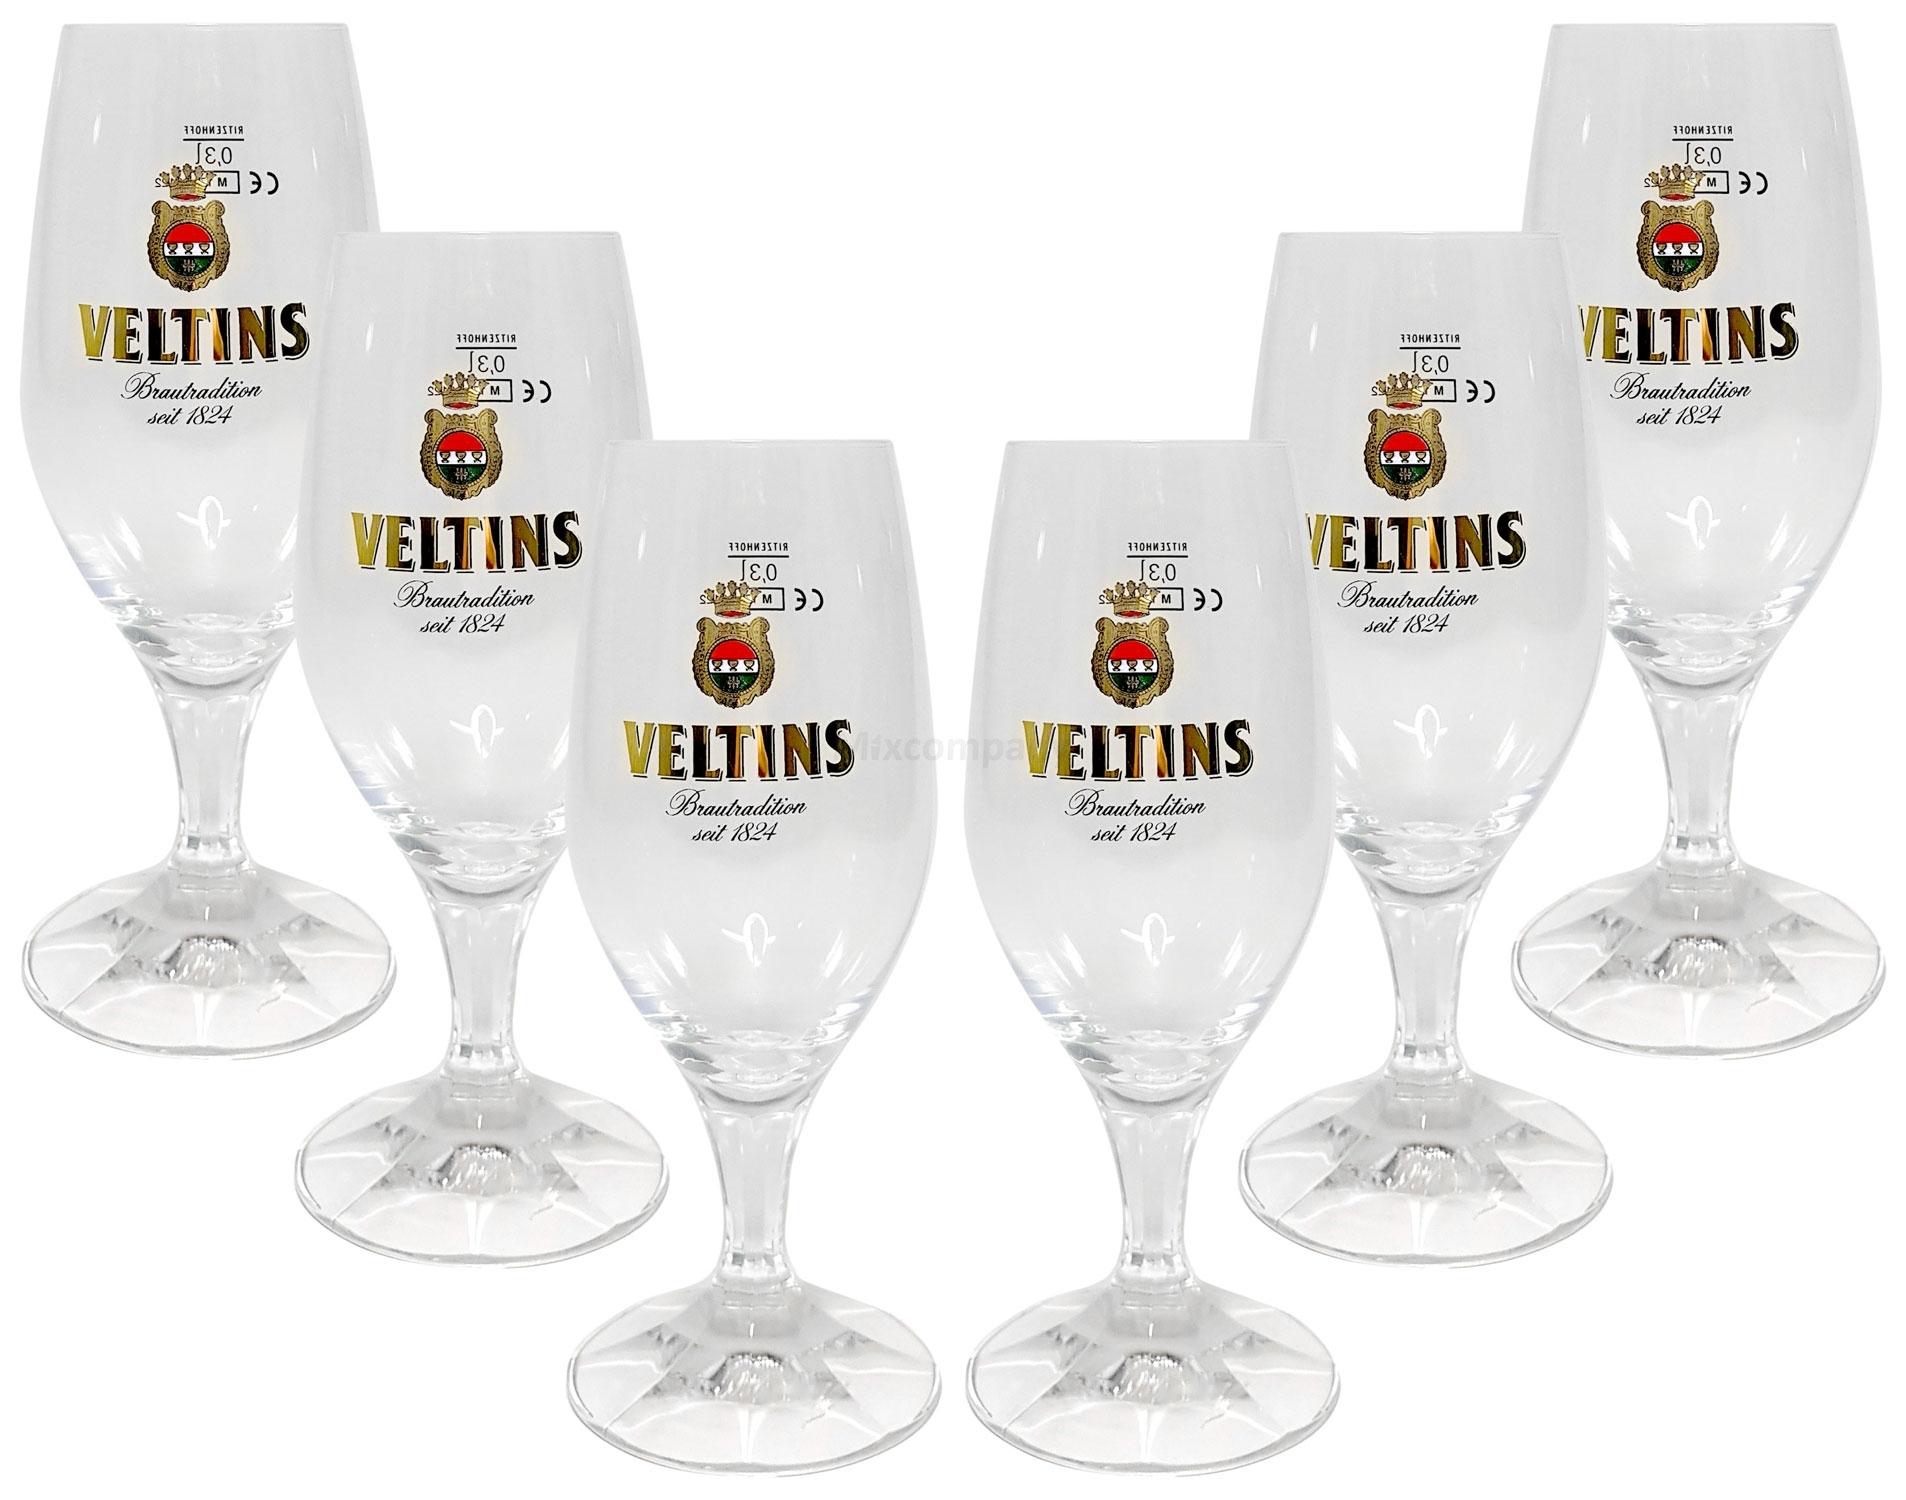 Veltins Glas Bierglas Tulpen 4x Biergläser 0,2l geeicht, Brasil Flaggemuster